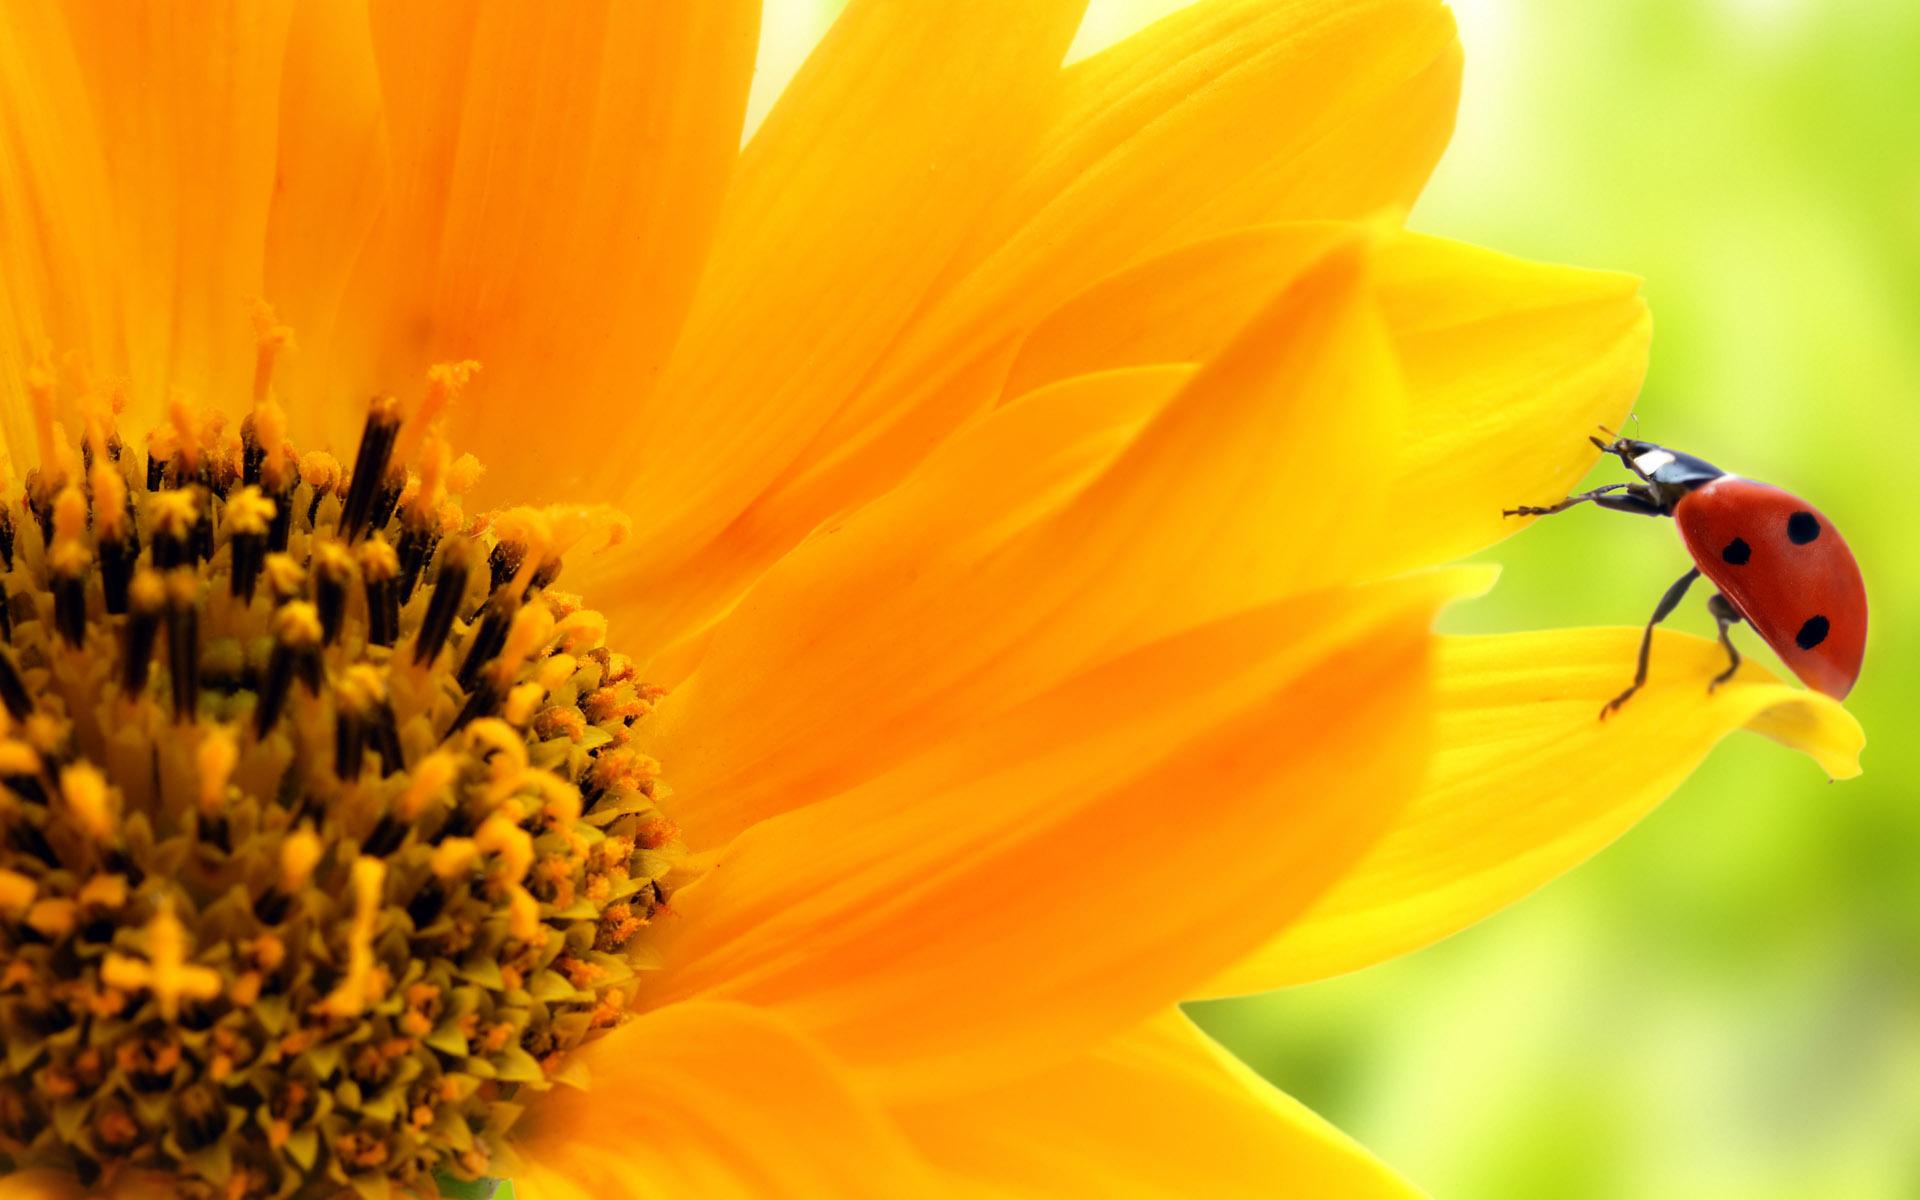 природа макро цветы божья коровка  № 2891789 загрузить